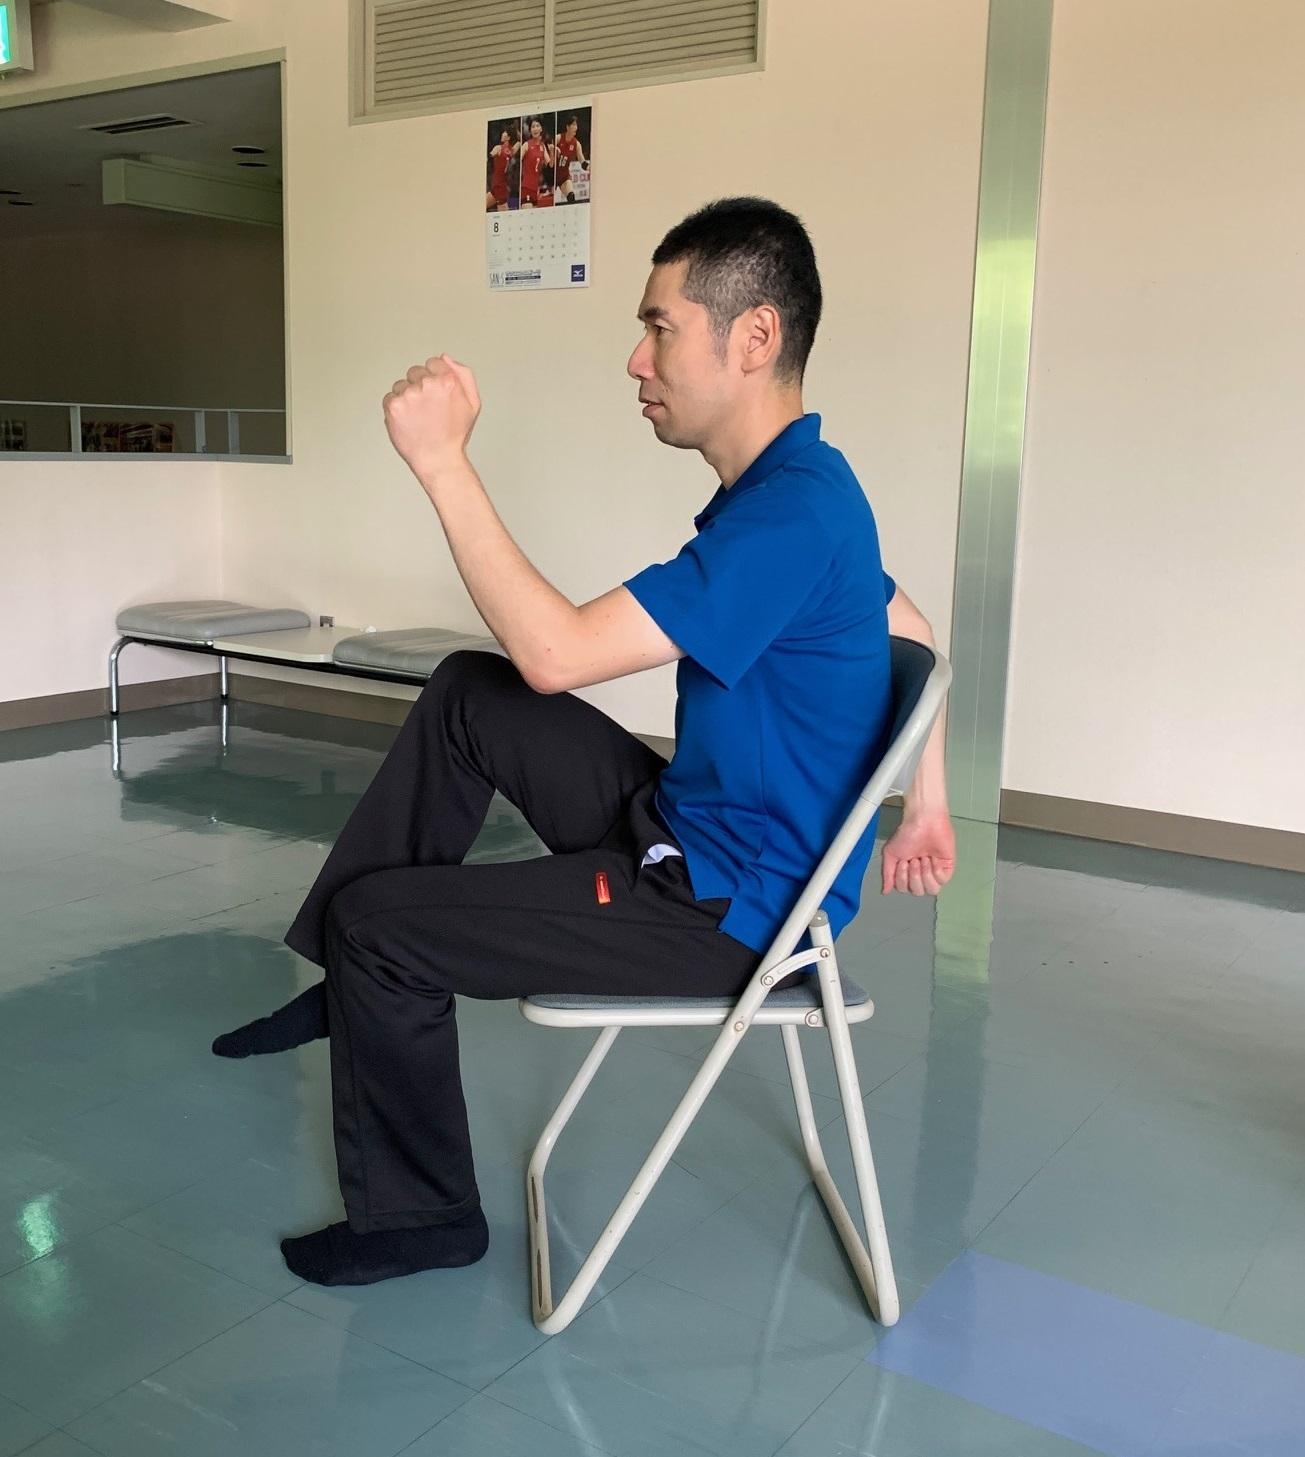 室内で手軽に足踏み運動_f0249602_18383638.jpg